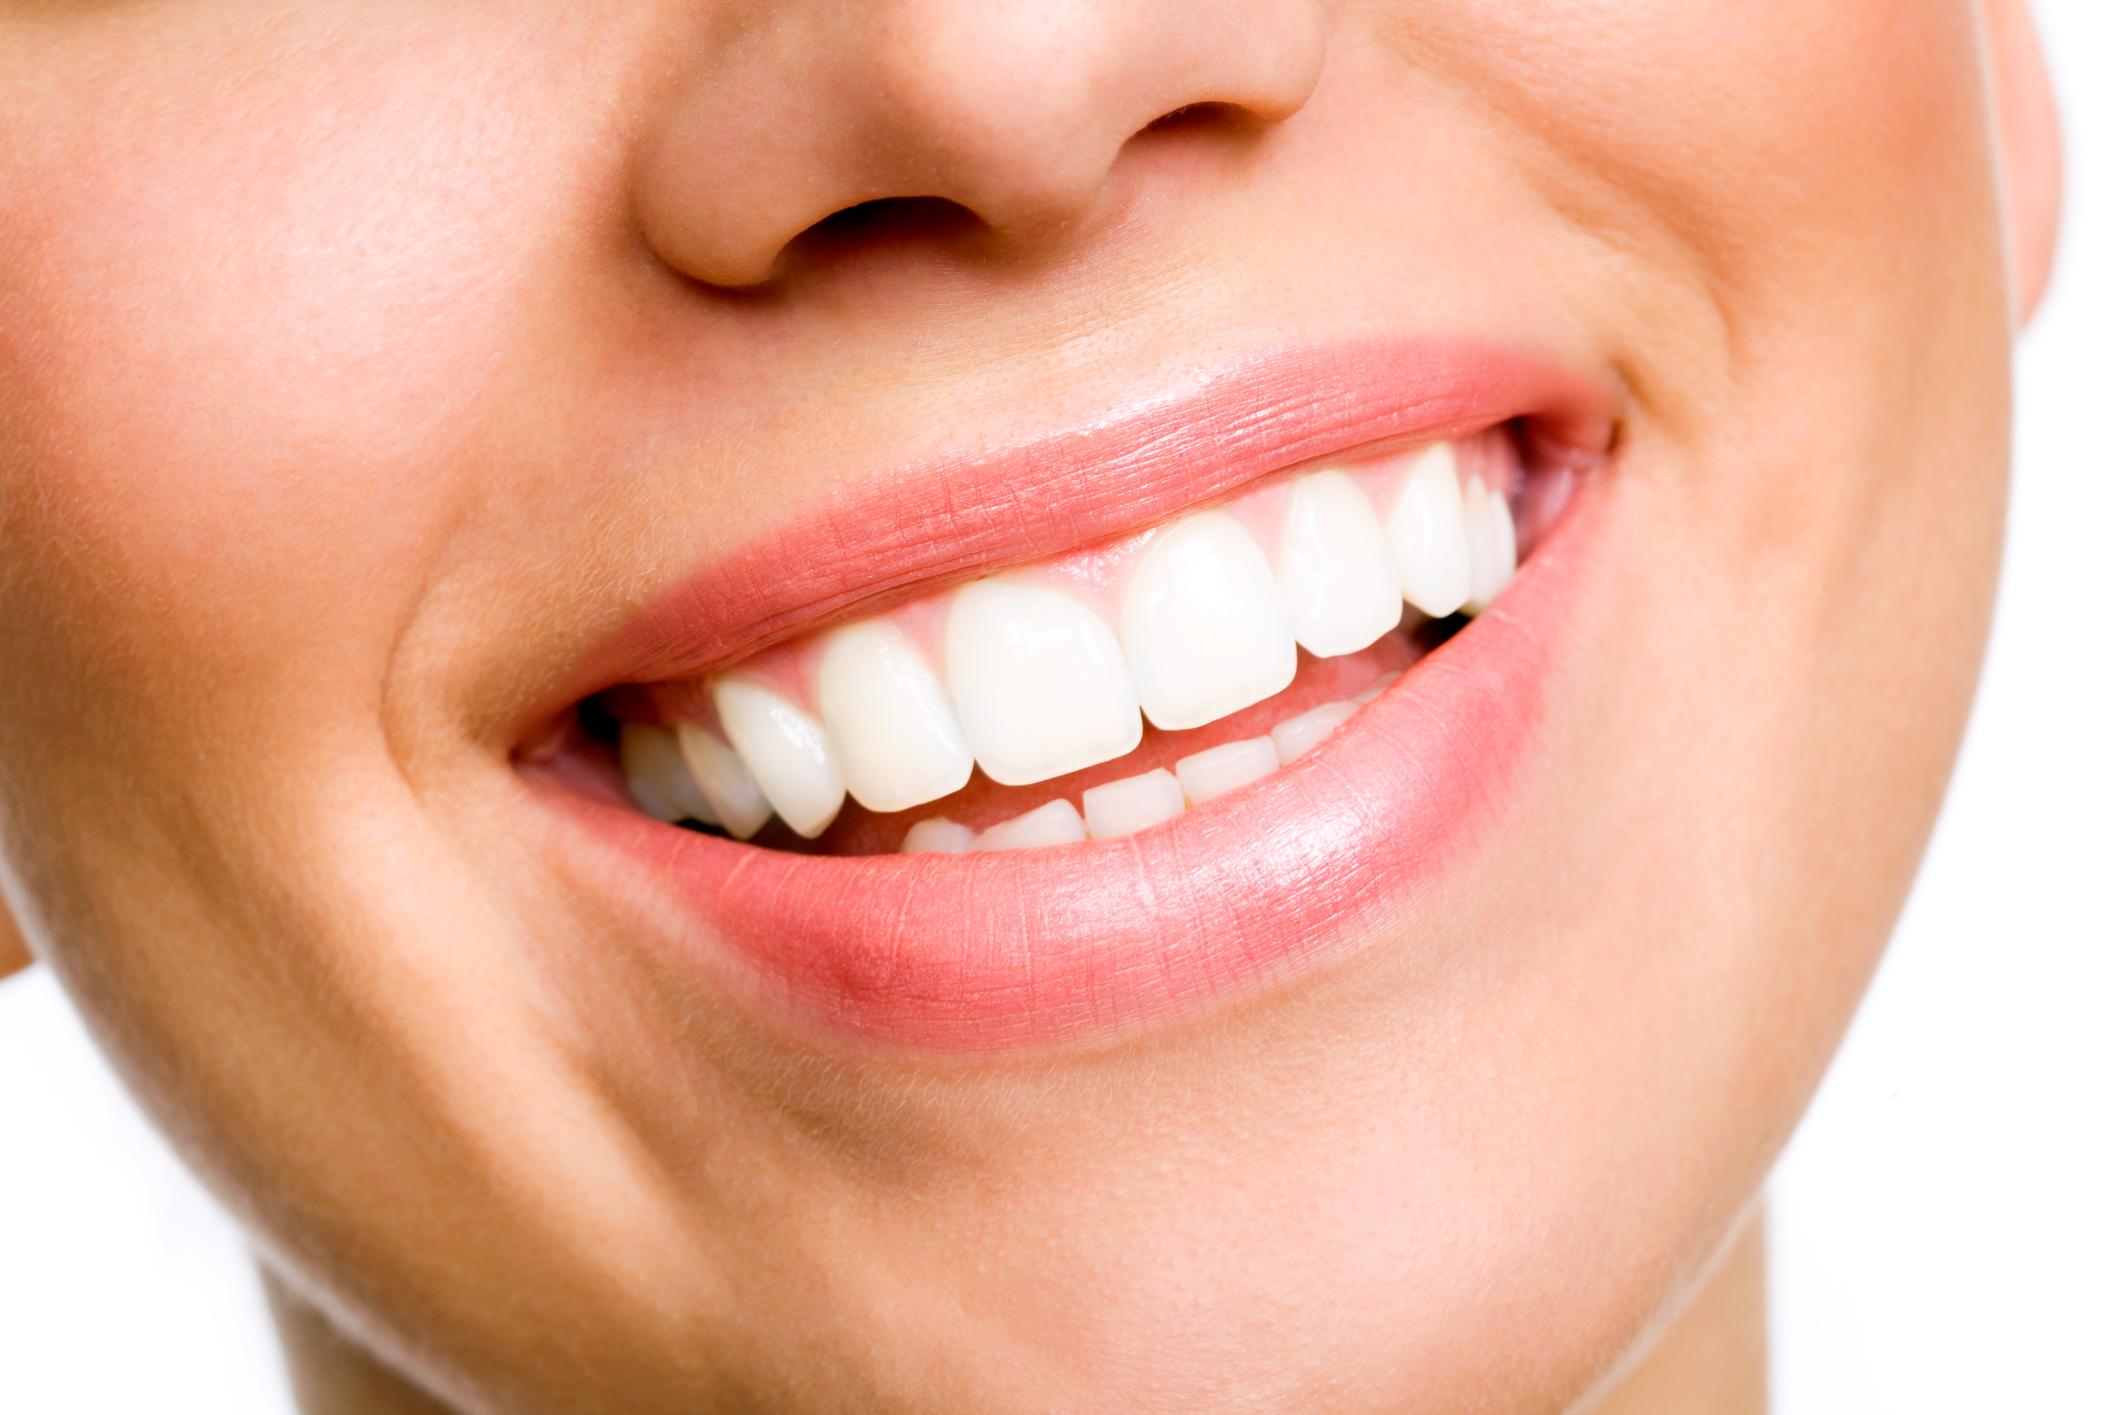 Blanquea en solo dos minutos tus dientes con este maravilloso remedio casero